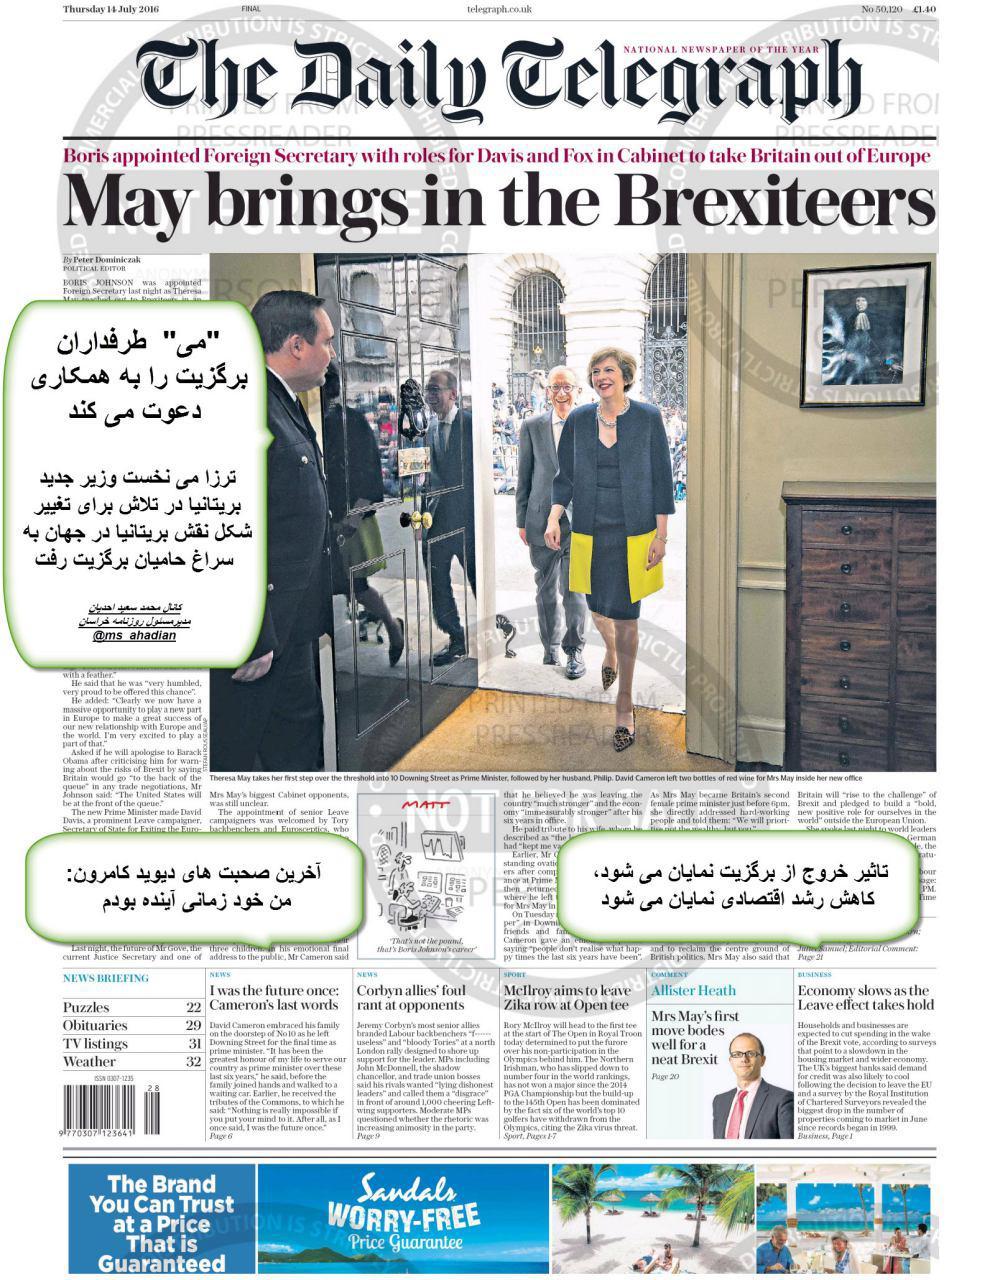 ترجمه تخصصی روزنامه دیلی تلگراف کشور انگلستان